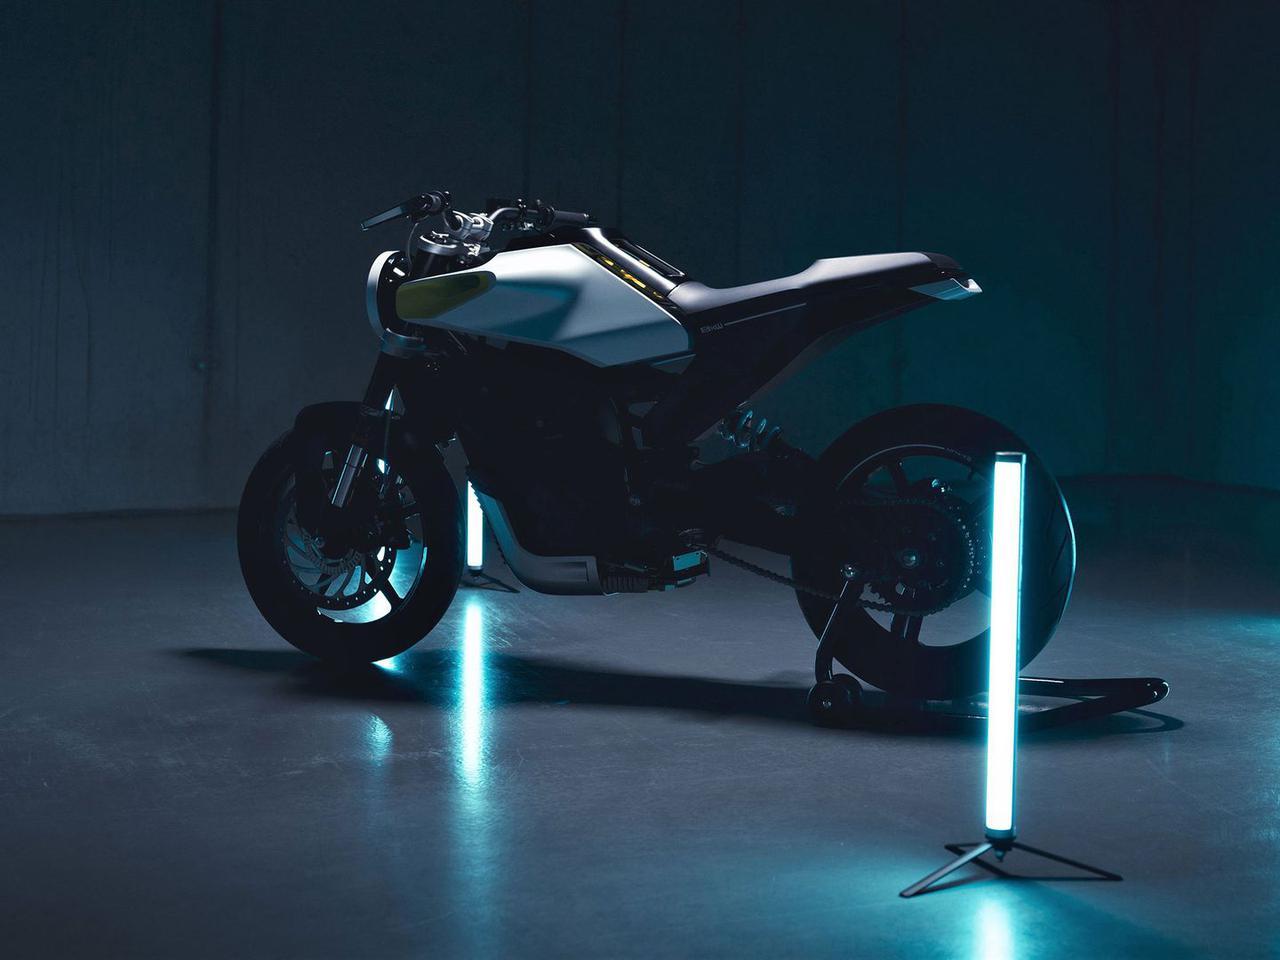 画像: イーピレンの量産版は、ピーラー・モビリティとバジャジによる電動バイク・プラットフォーム計画に沿って製造販売されることが予想されます。なおコスト抑制のため、生産はインドで行われることになるでしょう。 www.pierermobility.com